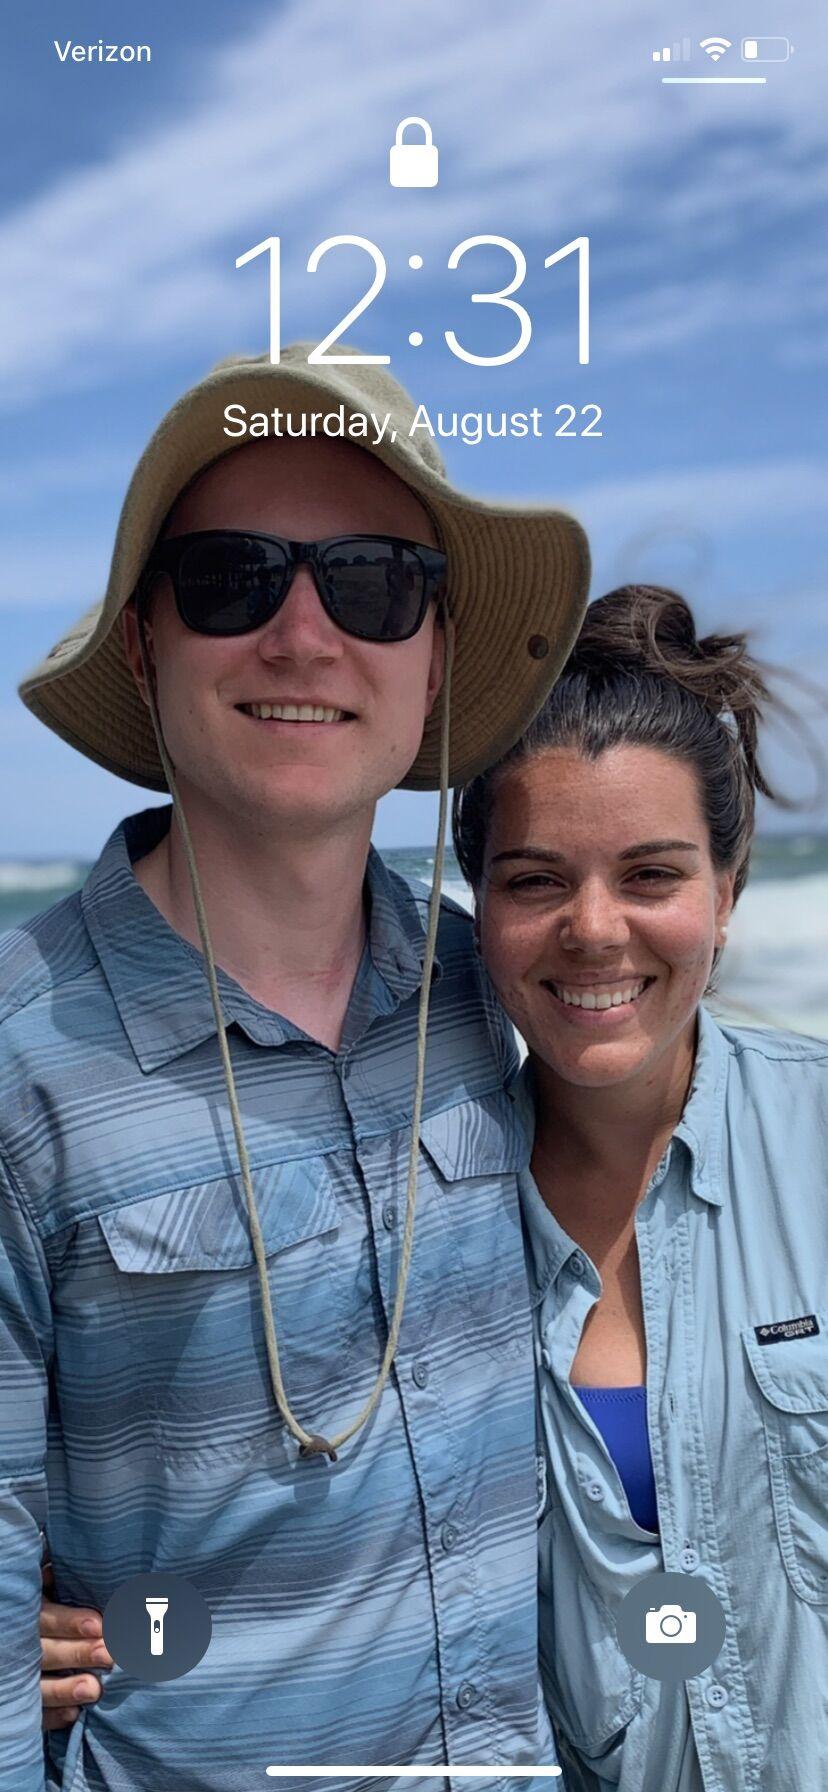 Image 1 of Meg and John